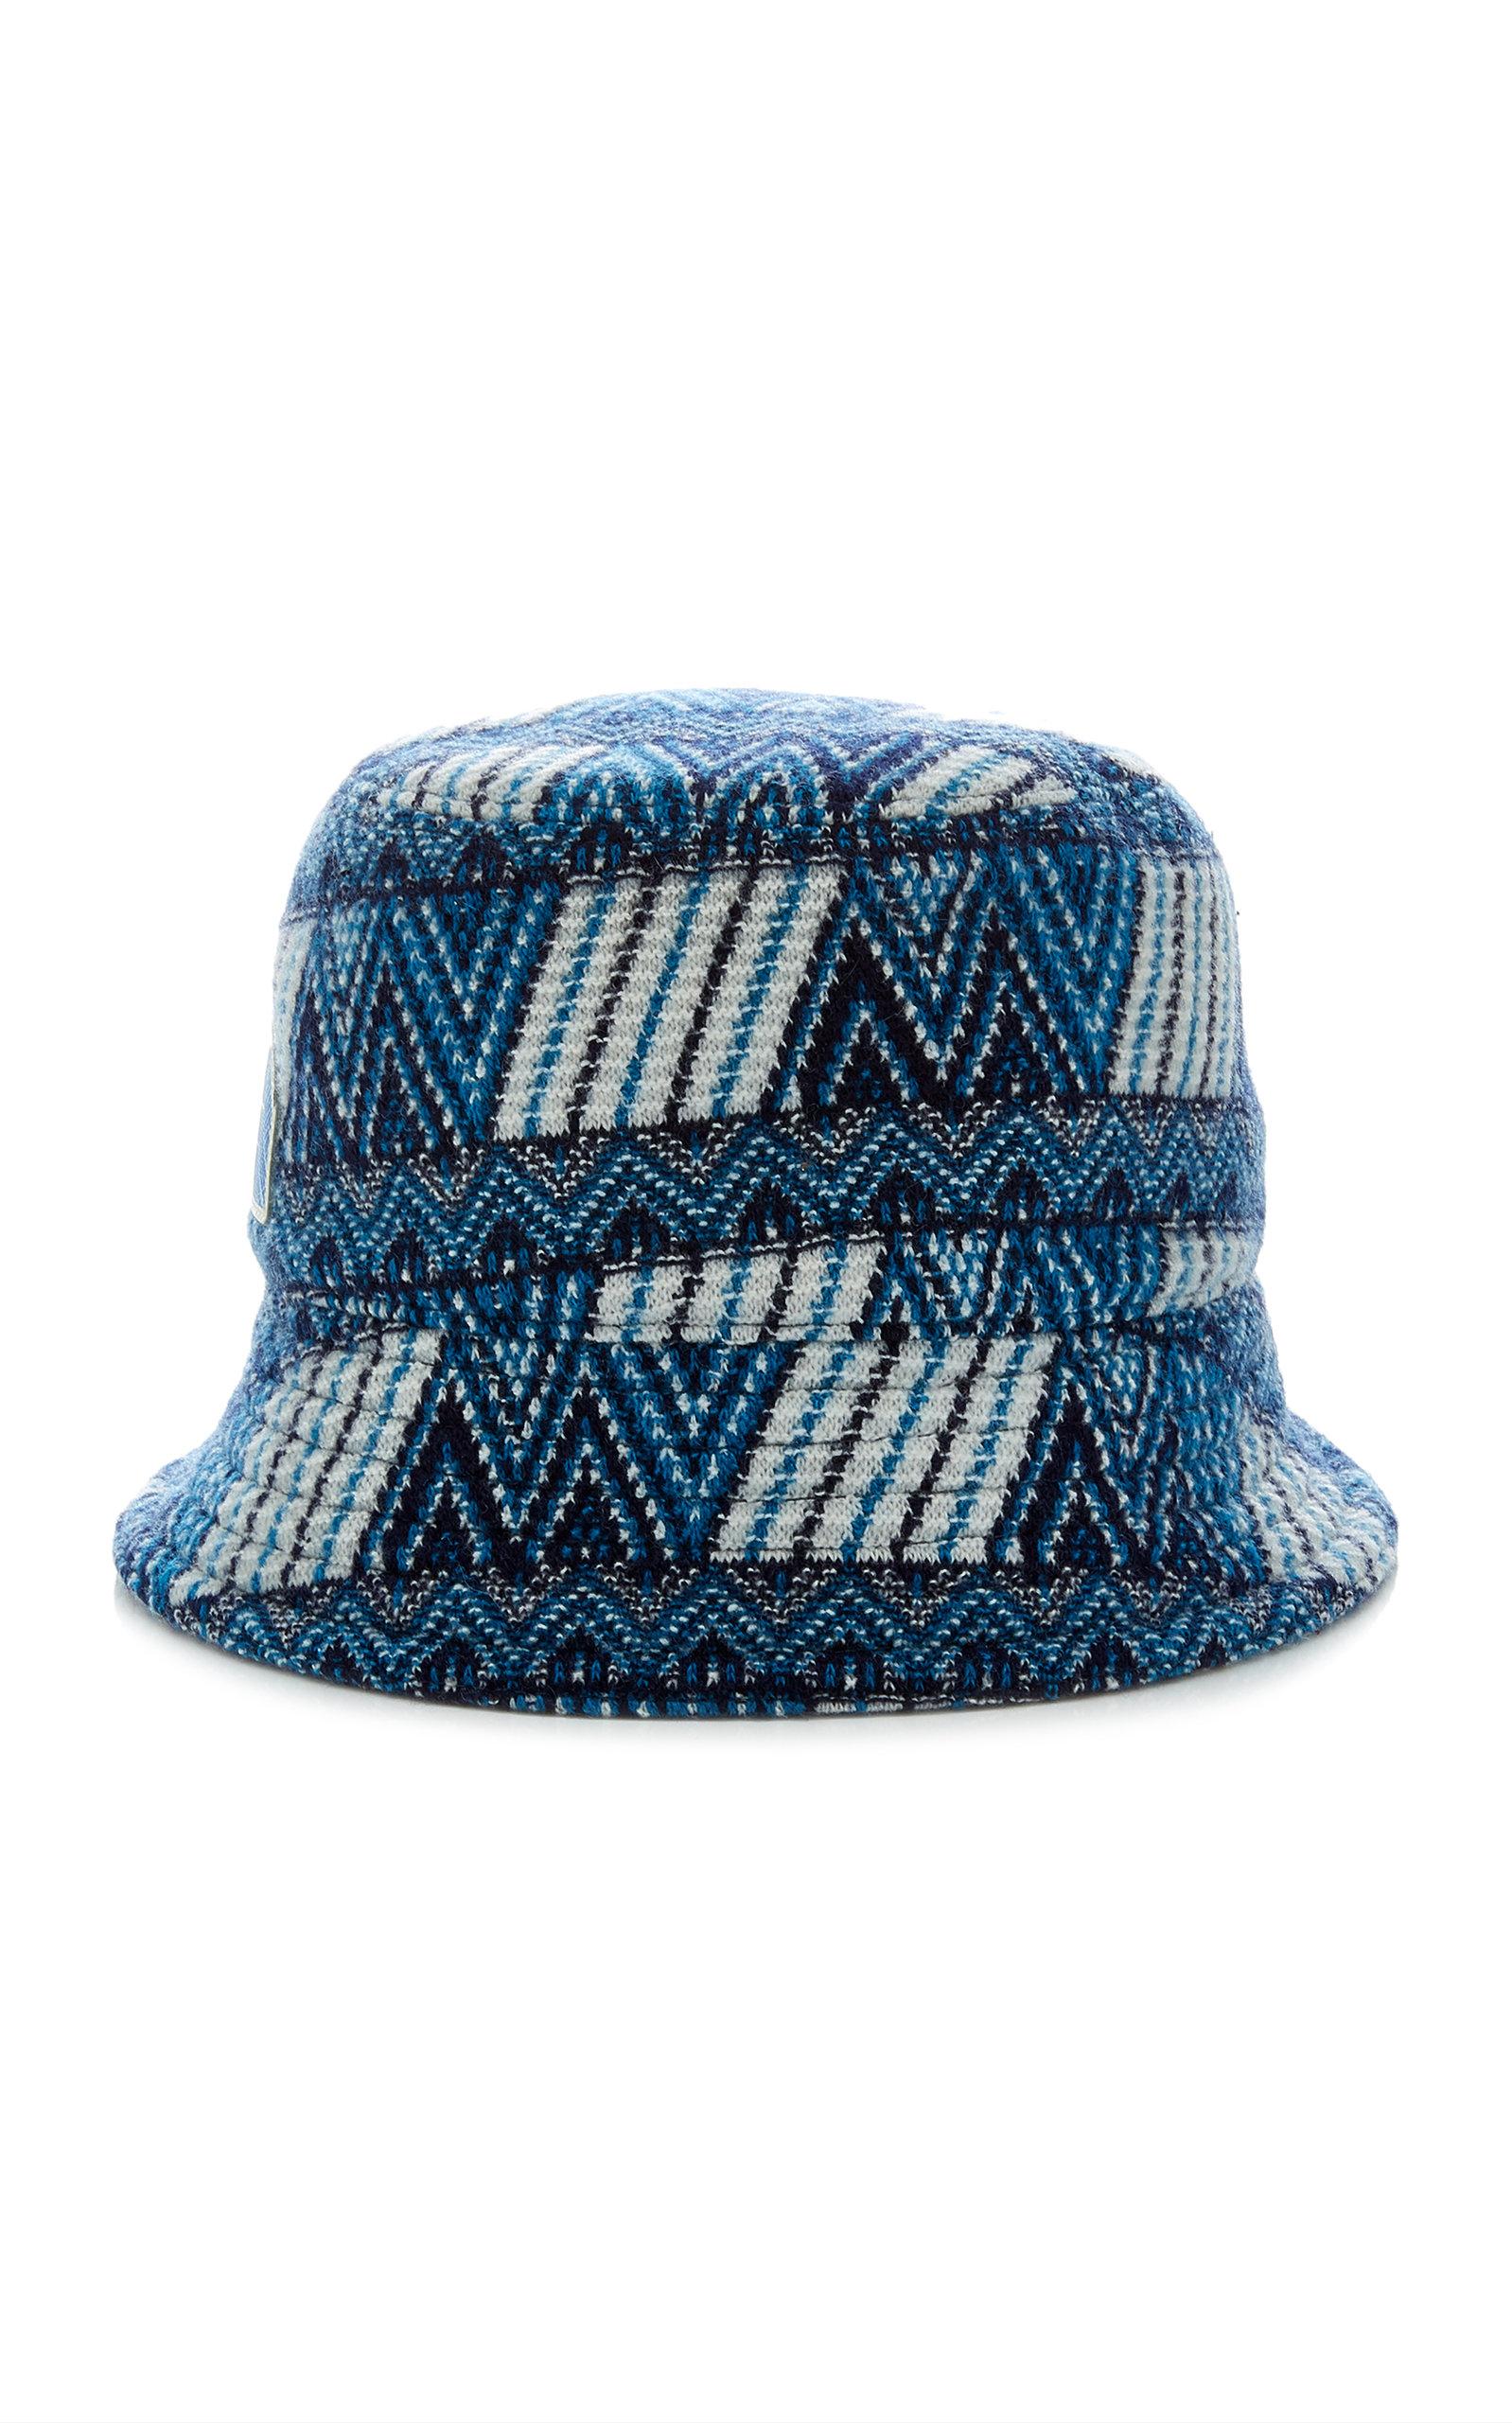 1d2c9c70da9 Prada Patterned Wool Bucket Hat In Blue | ModeSens